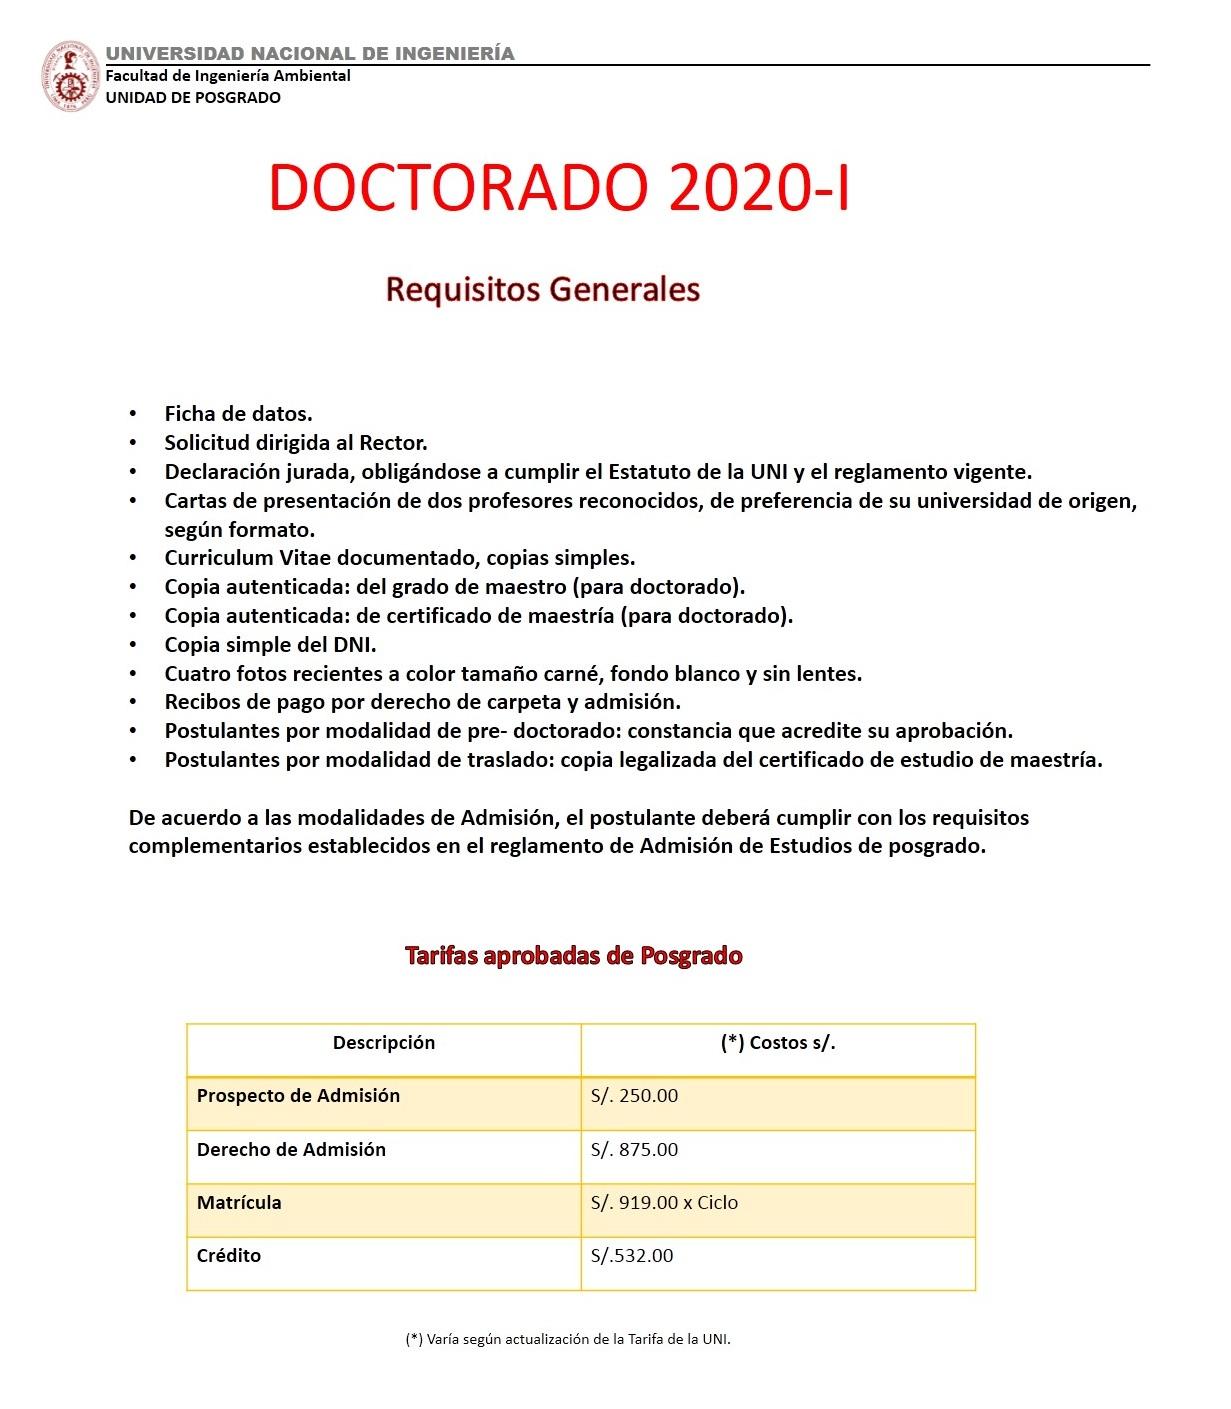 REQUISITOS-DOCTORADO-2020-I-FLAYER